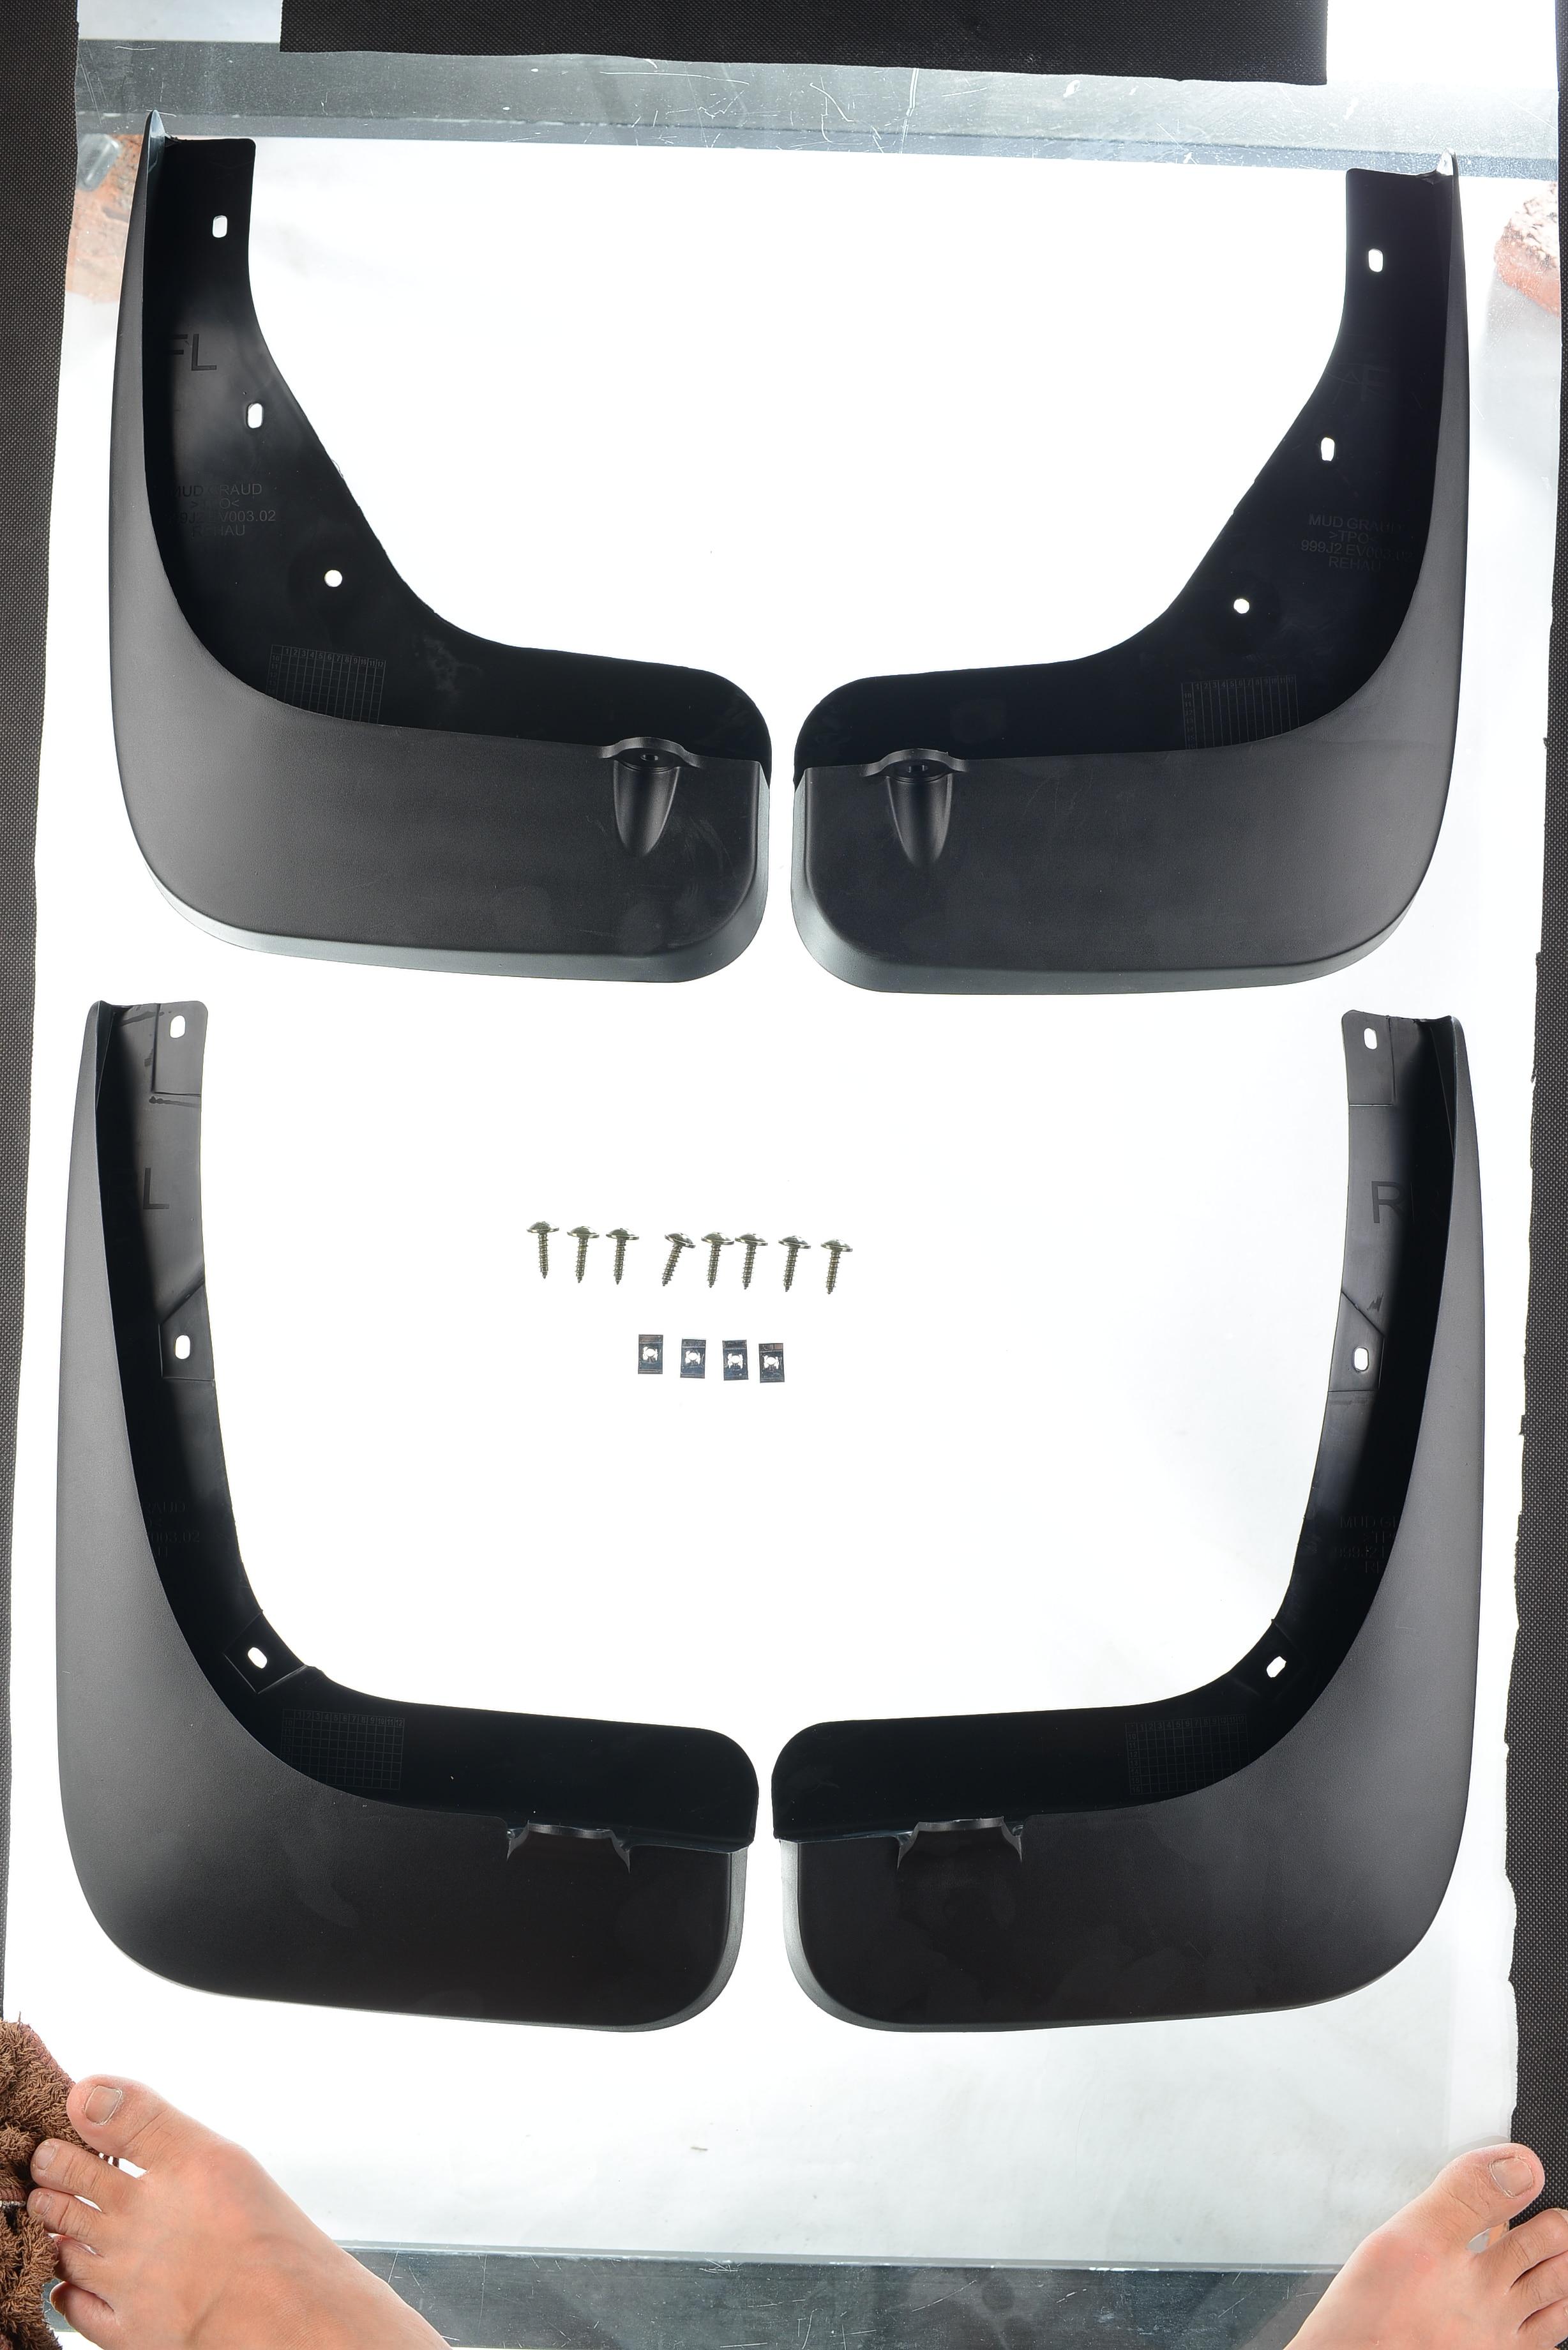 New OEM Infiniti FX35 FX37 FX50 Front /& Rear Splash Guards 2009-2013